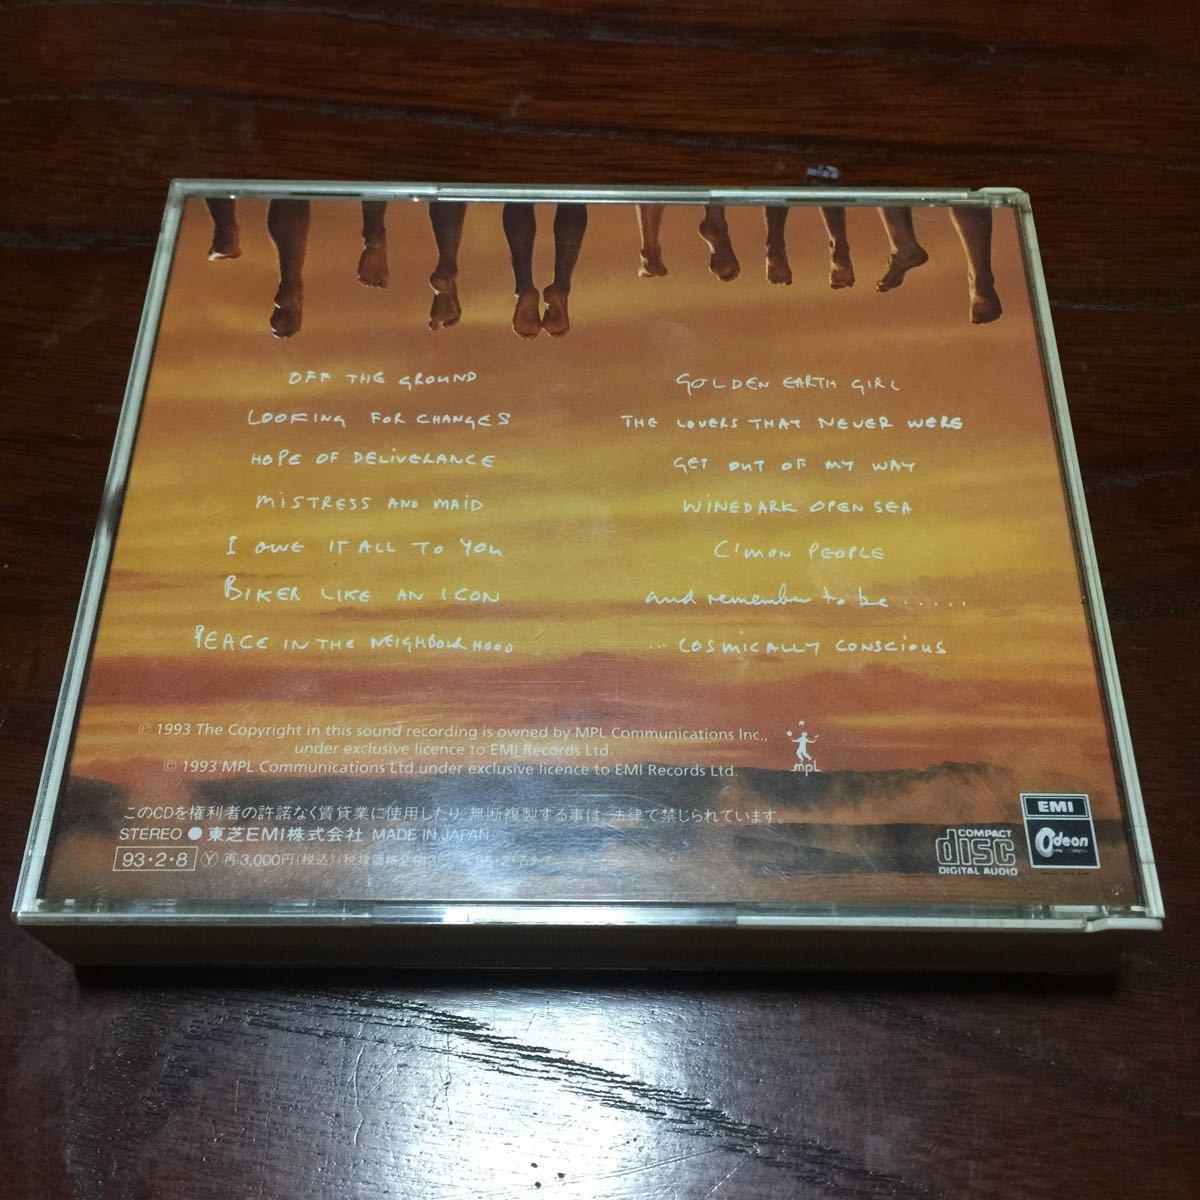 ポール・マッカートニー オフ・ザ・グラウンド 国内盤CD+CDシングル付き